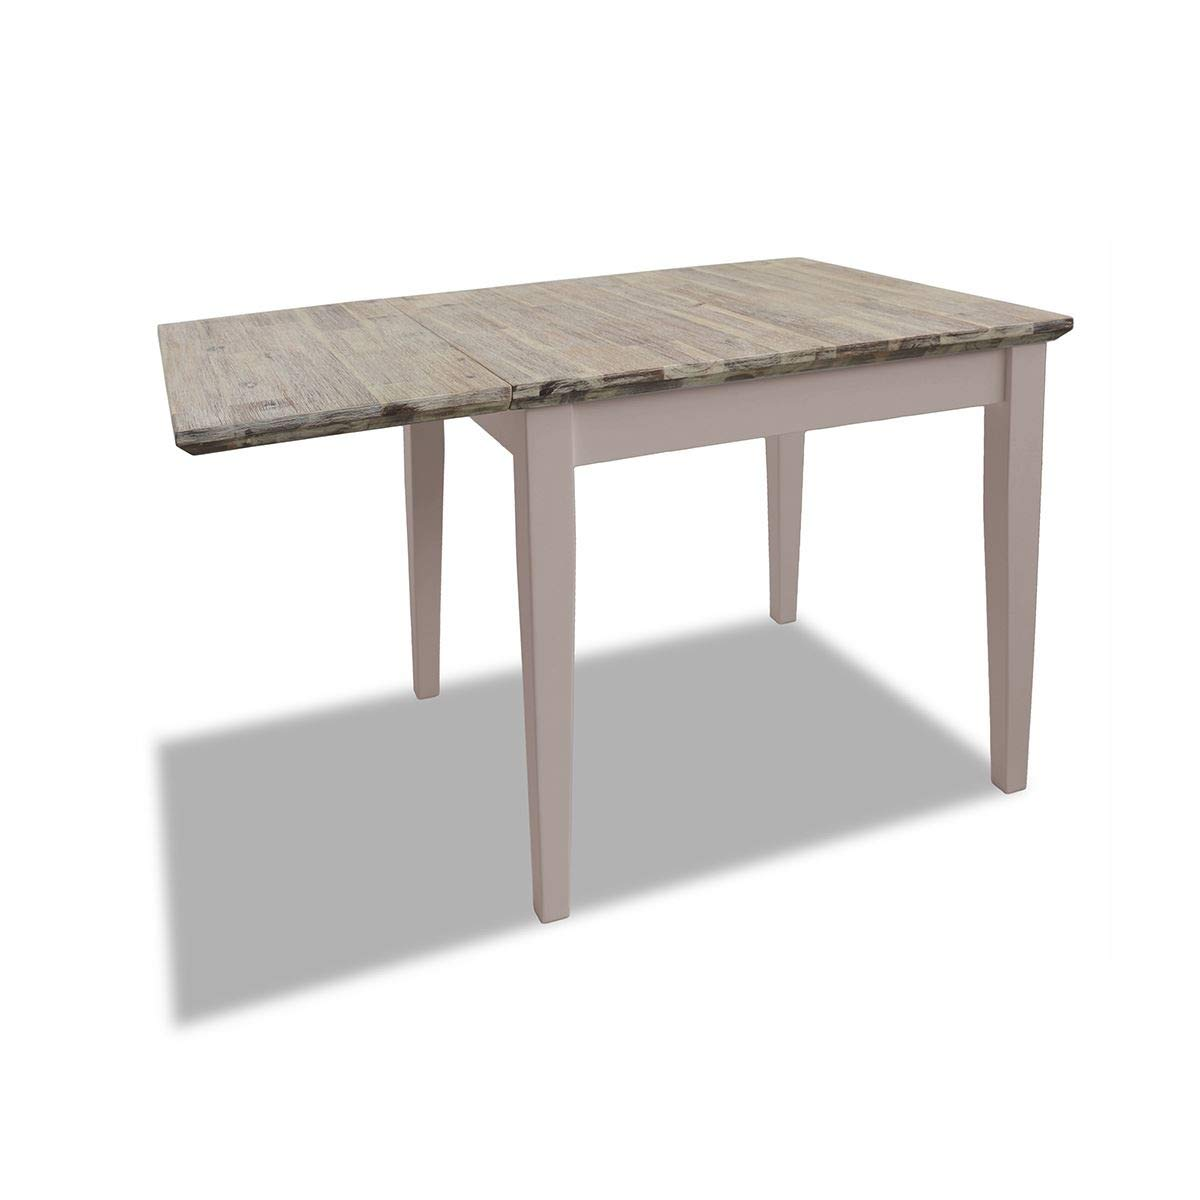 Florence duve grått köksbord och 2 träköksstolar uppsättning. Massivt trä köksbordsset Truffle Set 3